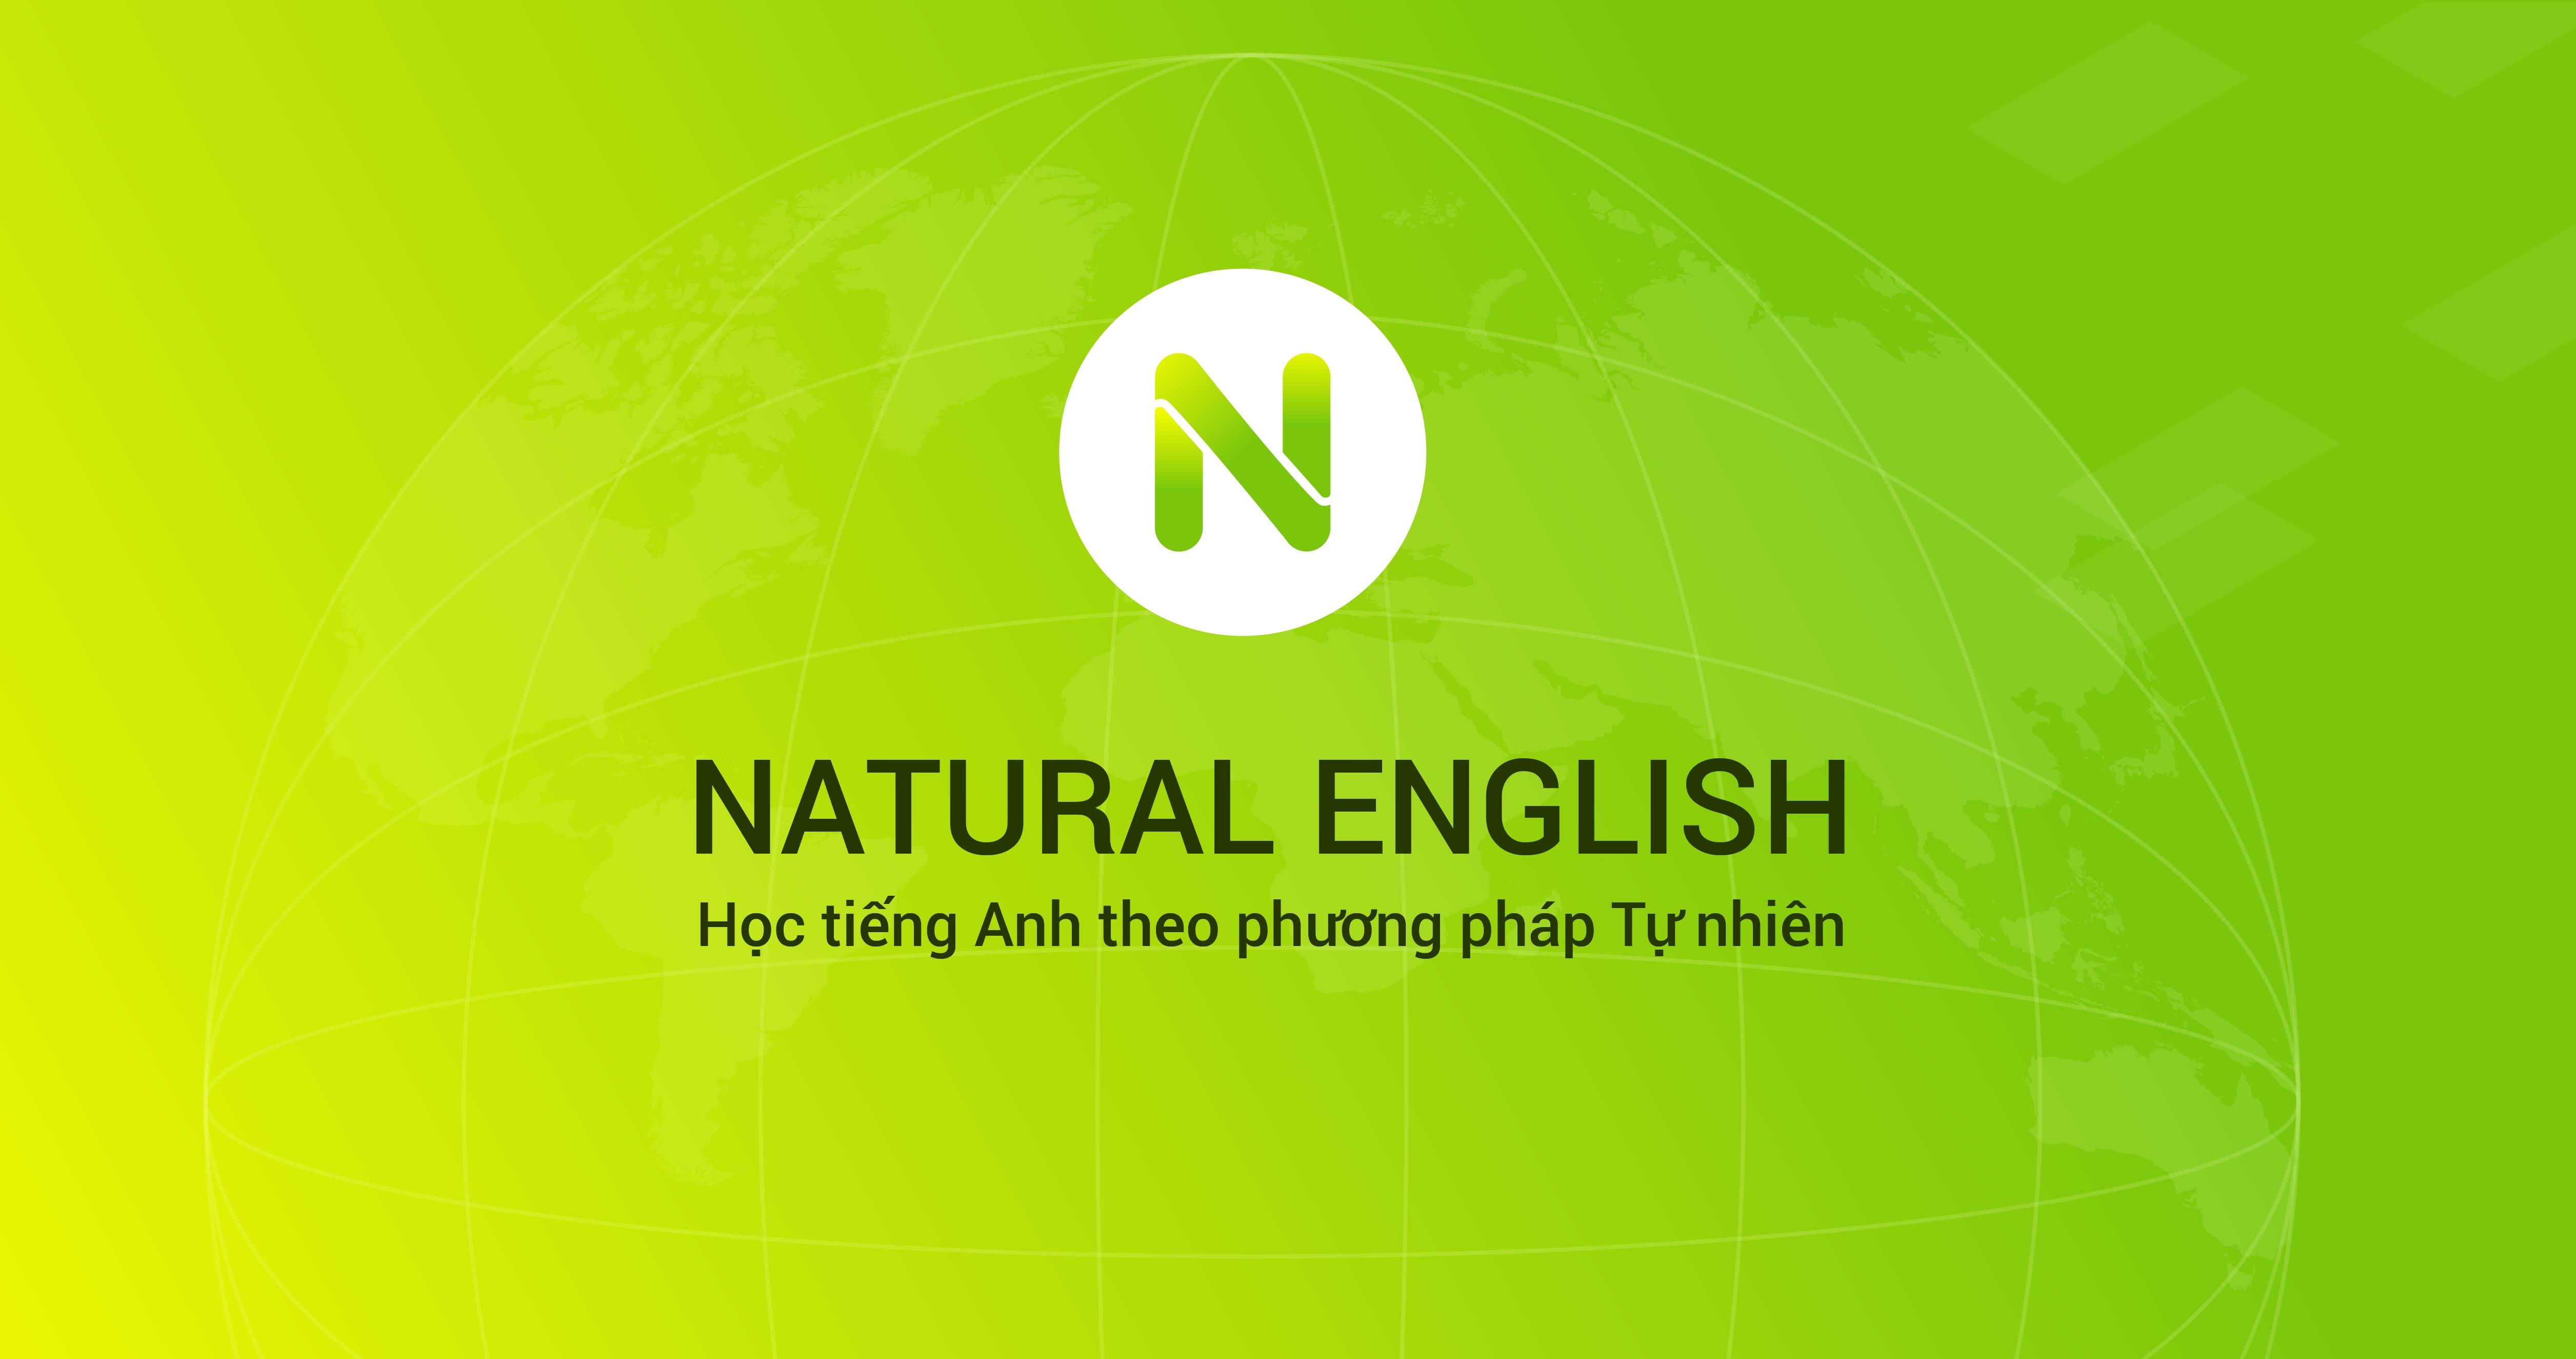 Sự khác biệt giữa phương pháp tiếp cận Tự nhiên với phương pháp học ngôn ngữ theo dạng thức Ngữ pháp.